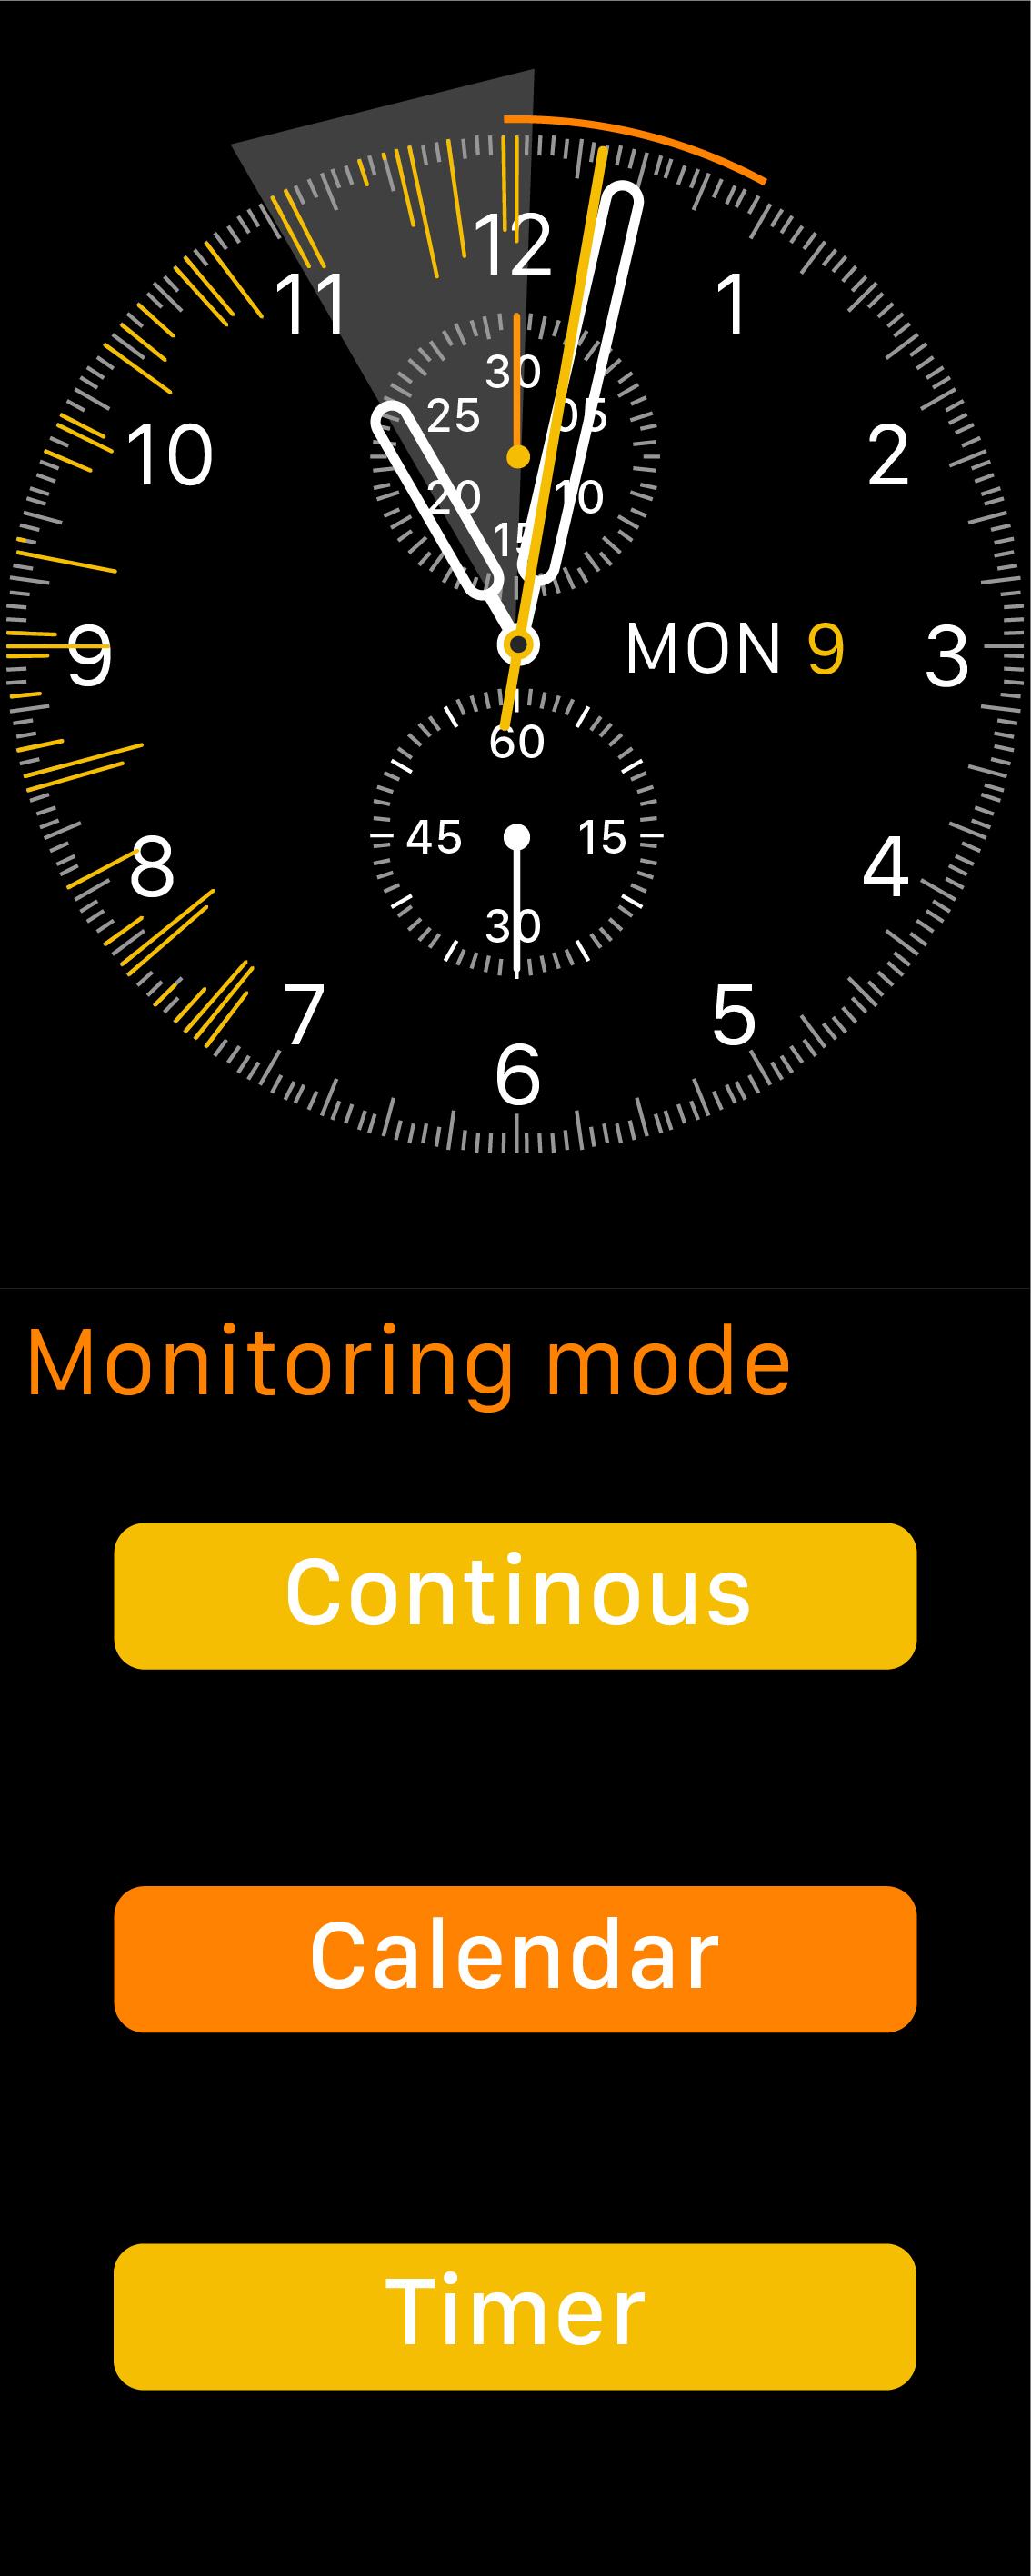 Calendar monitoring mode